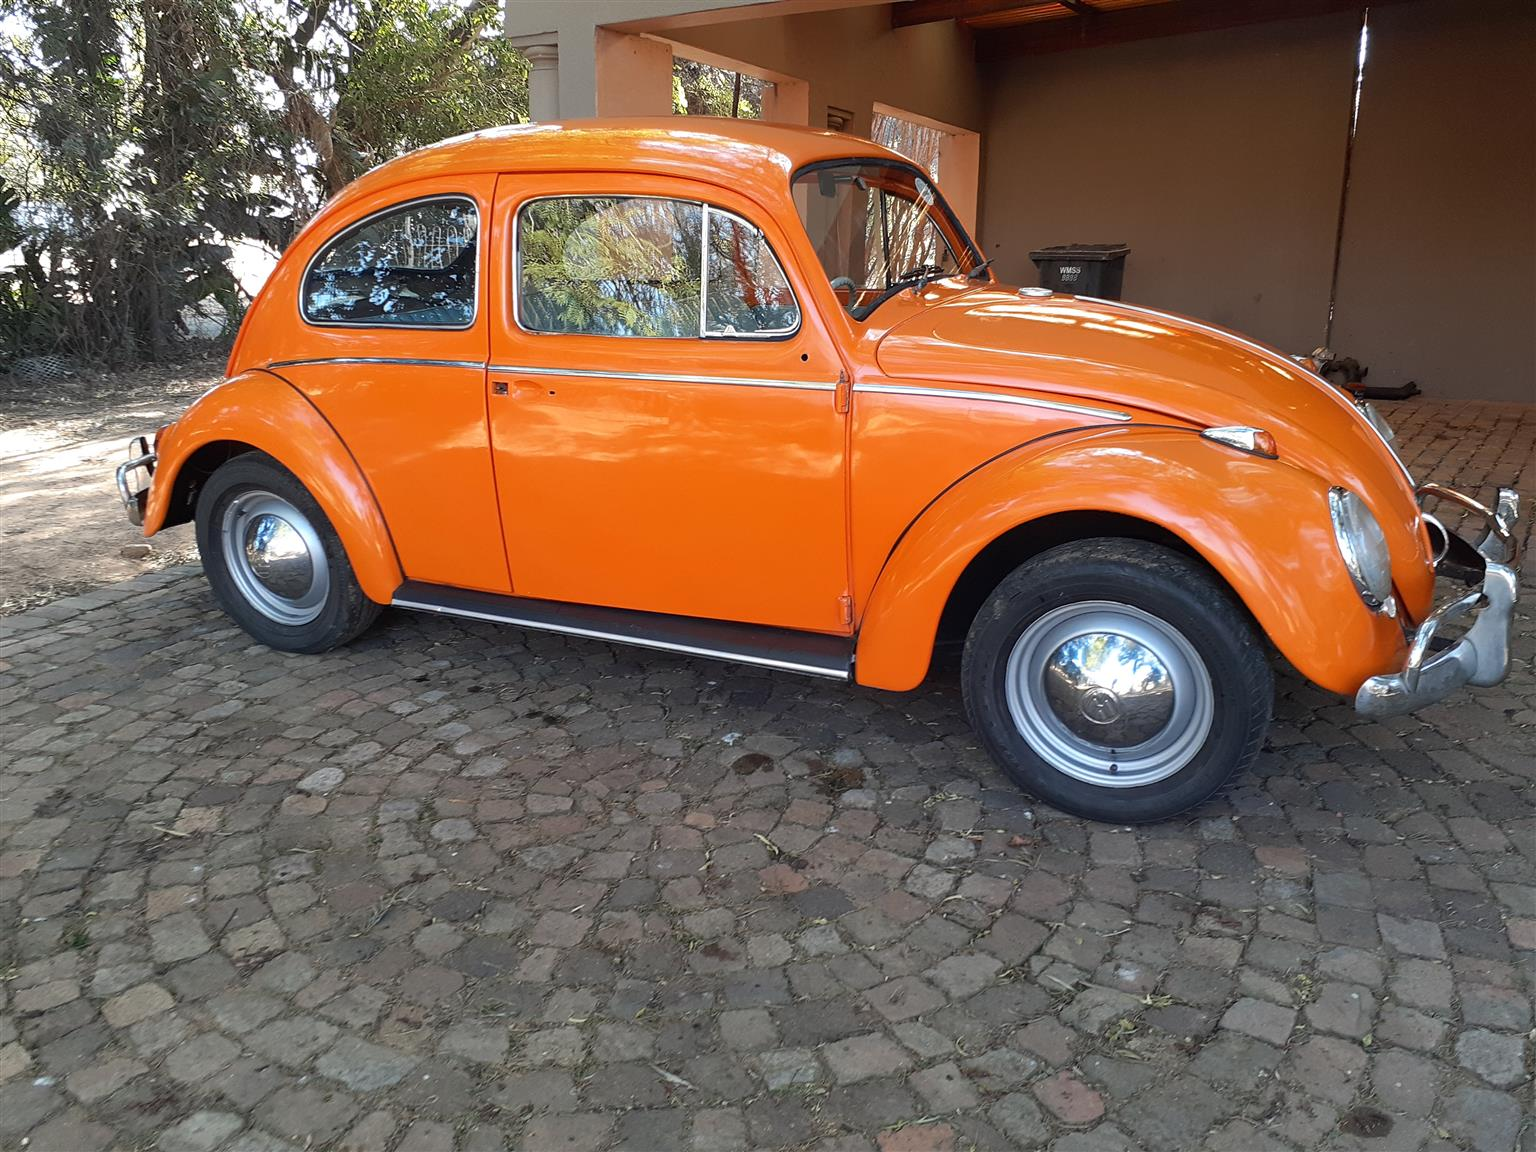 1962 VW BEETLE - R56,000